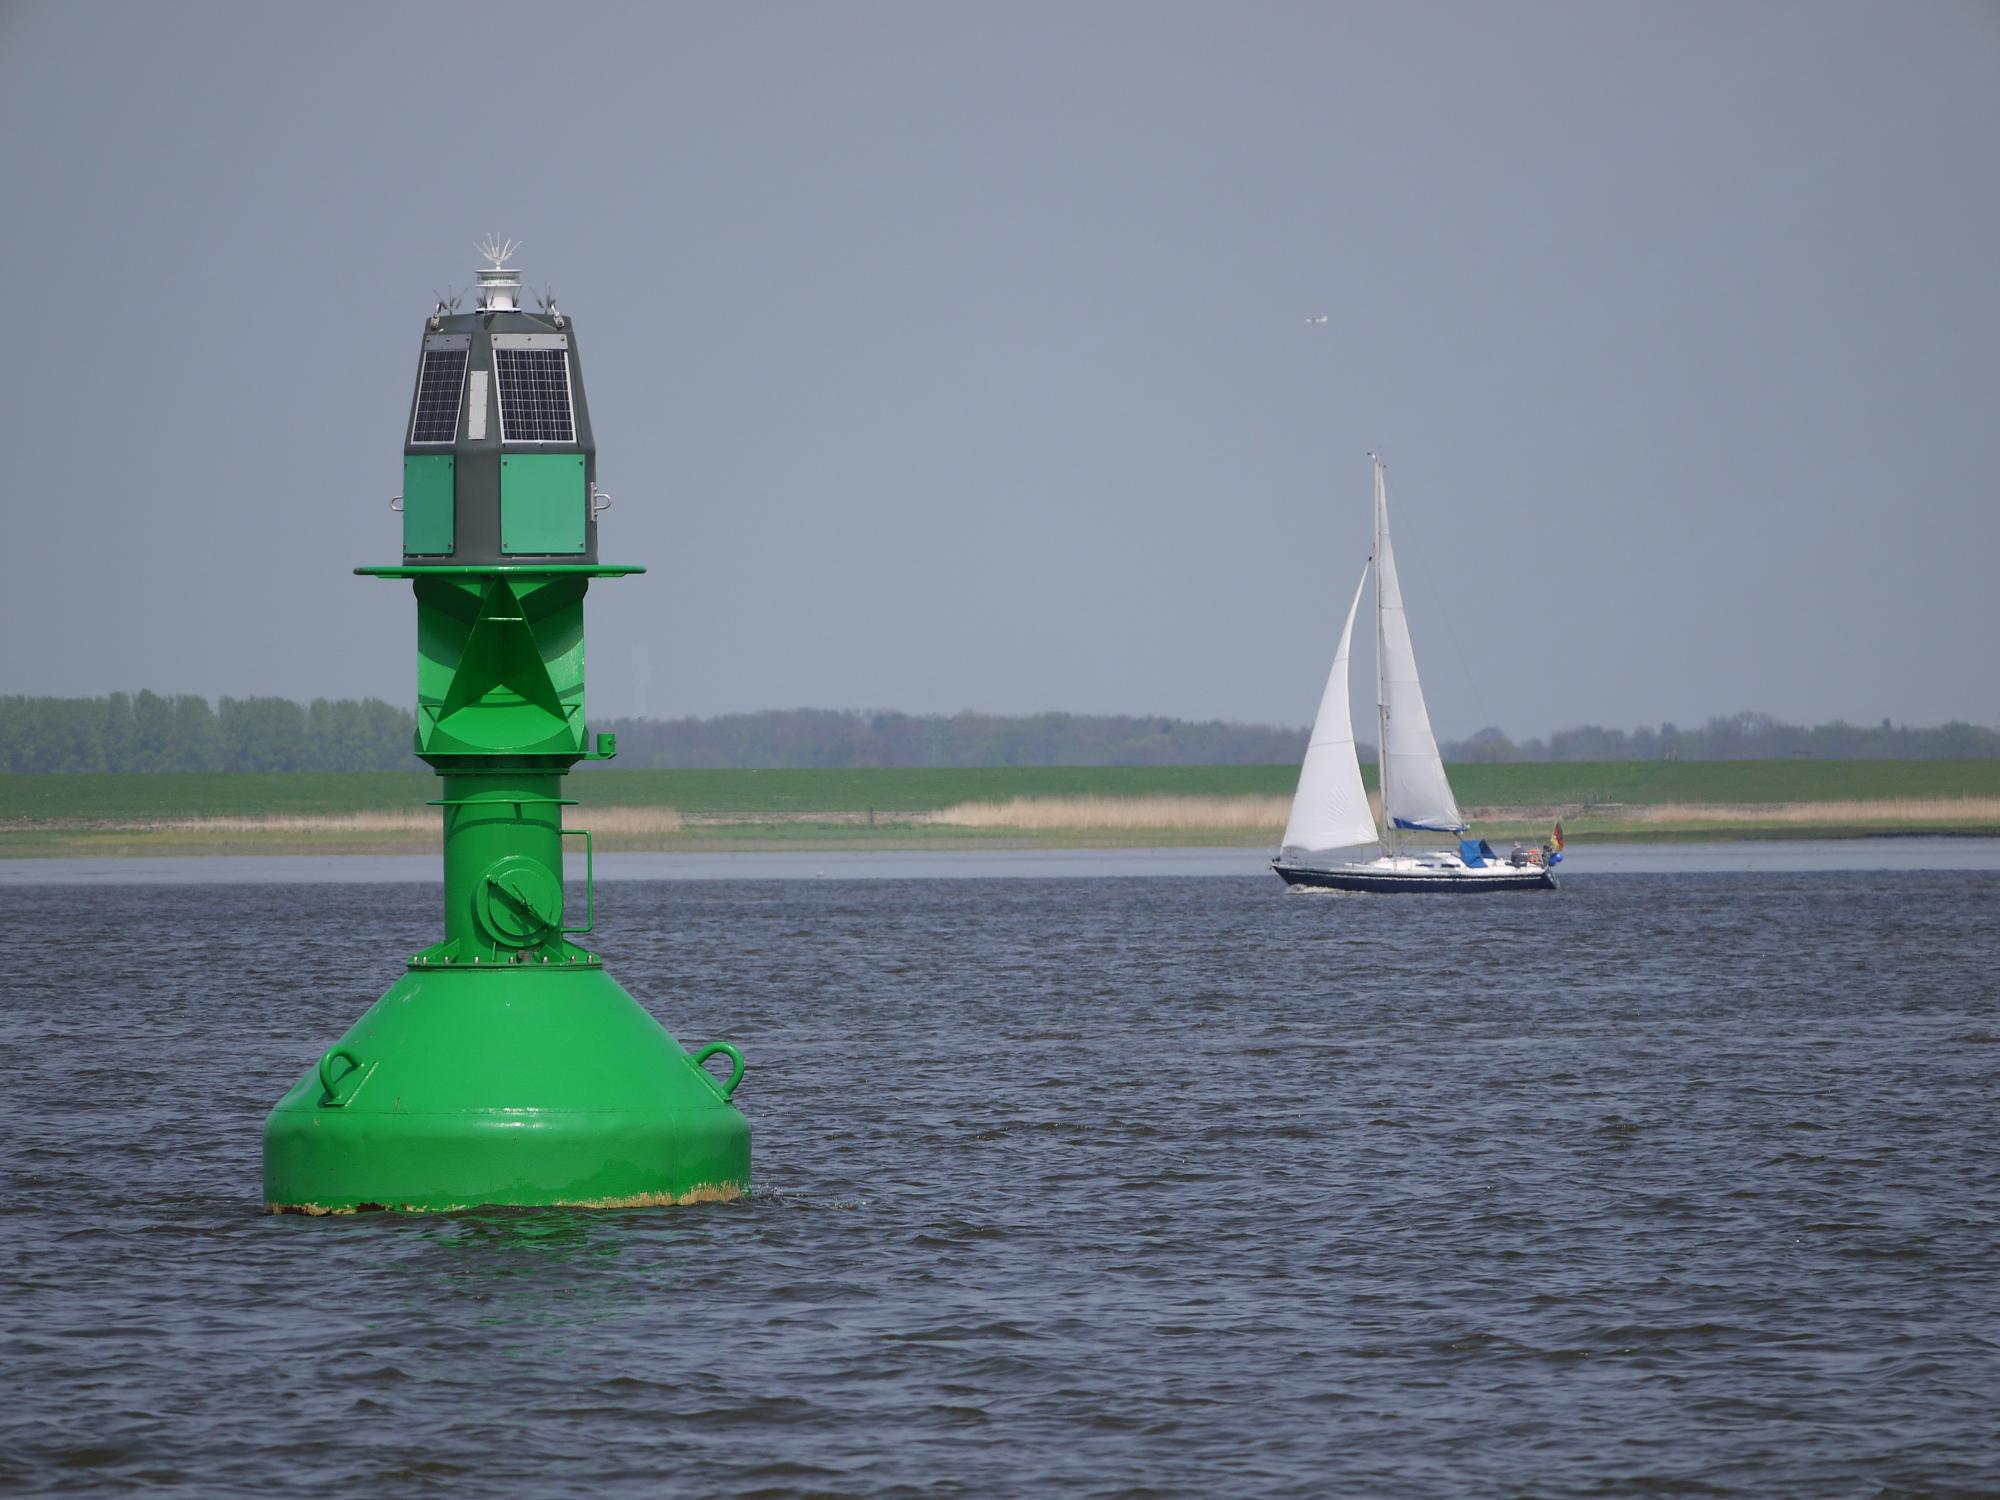 verkehrsregeln schifffahrt boje mit segelboot im hintergrund